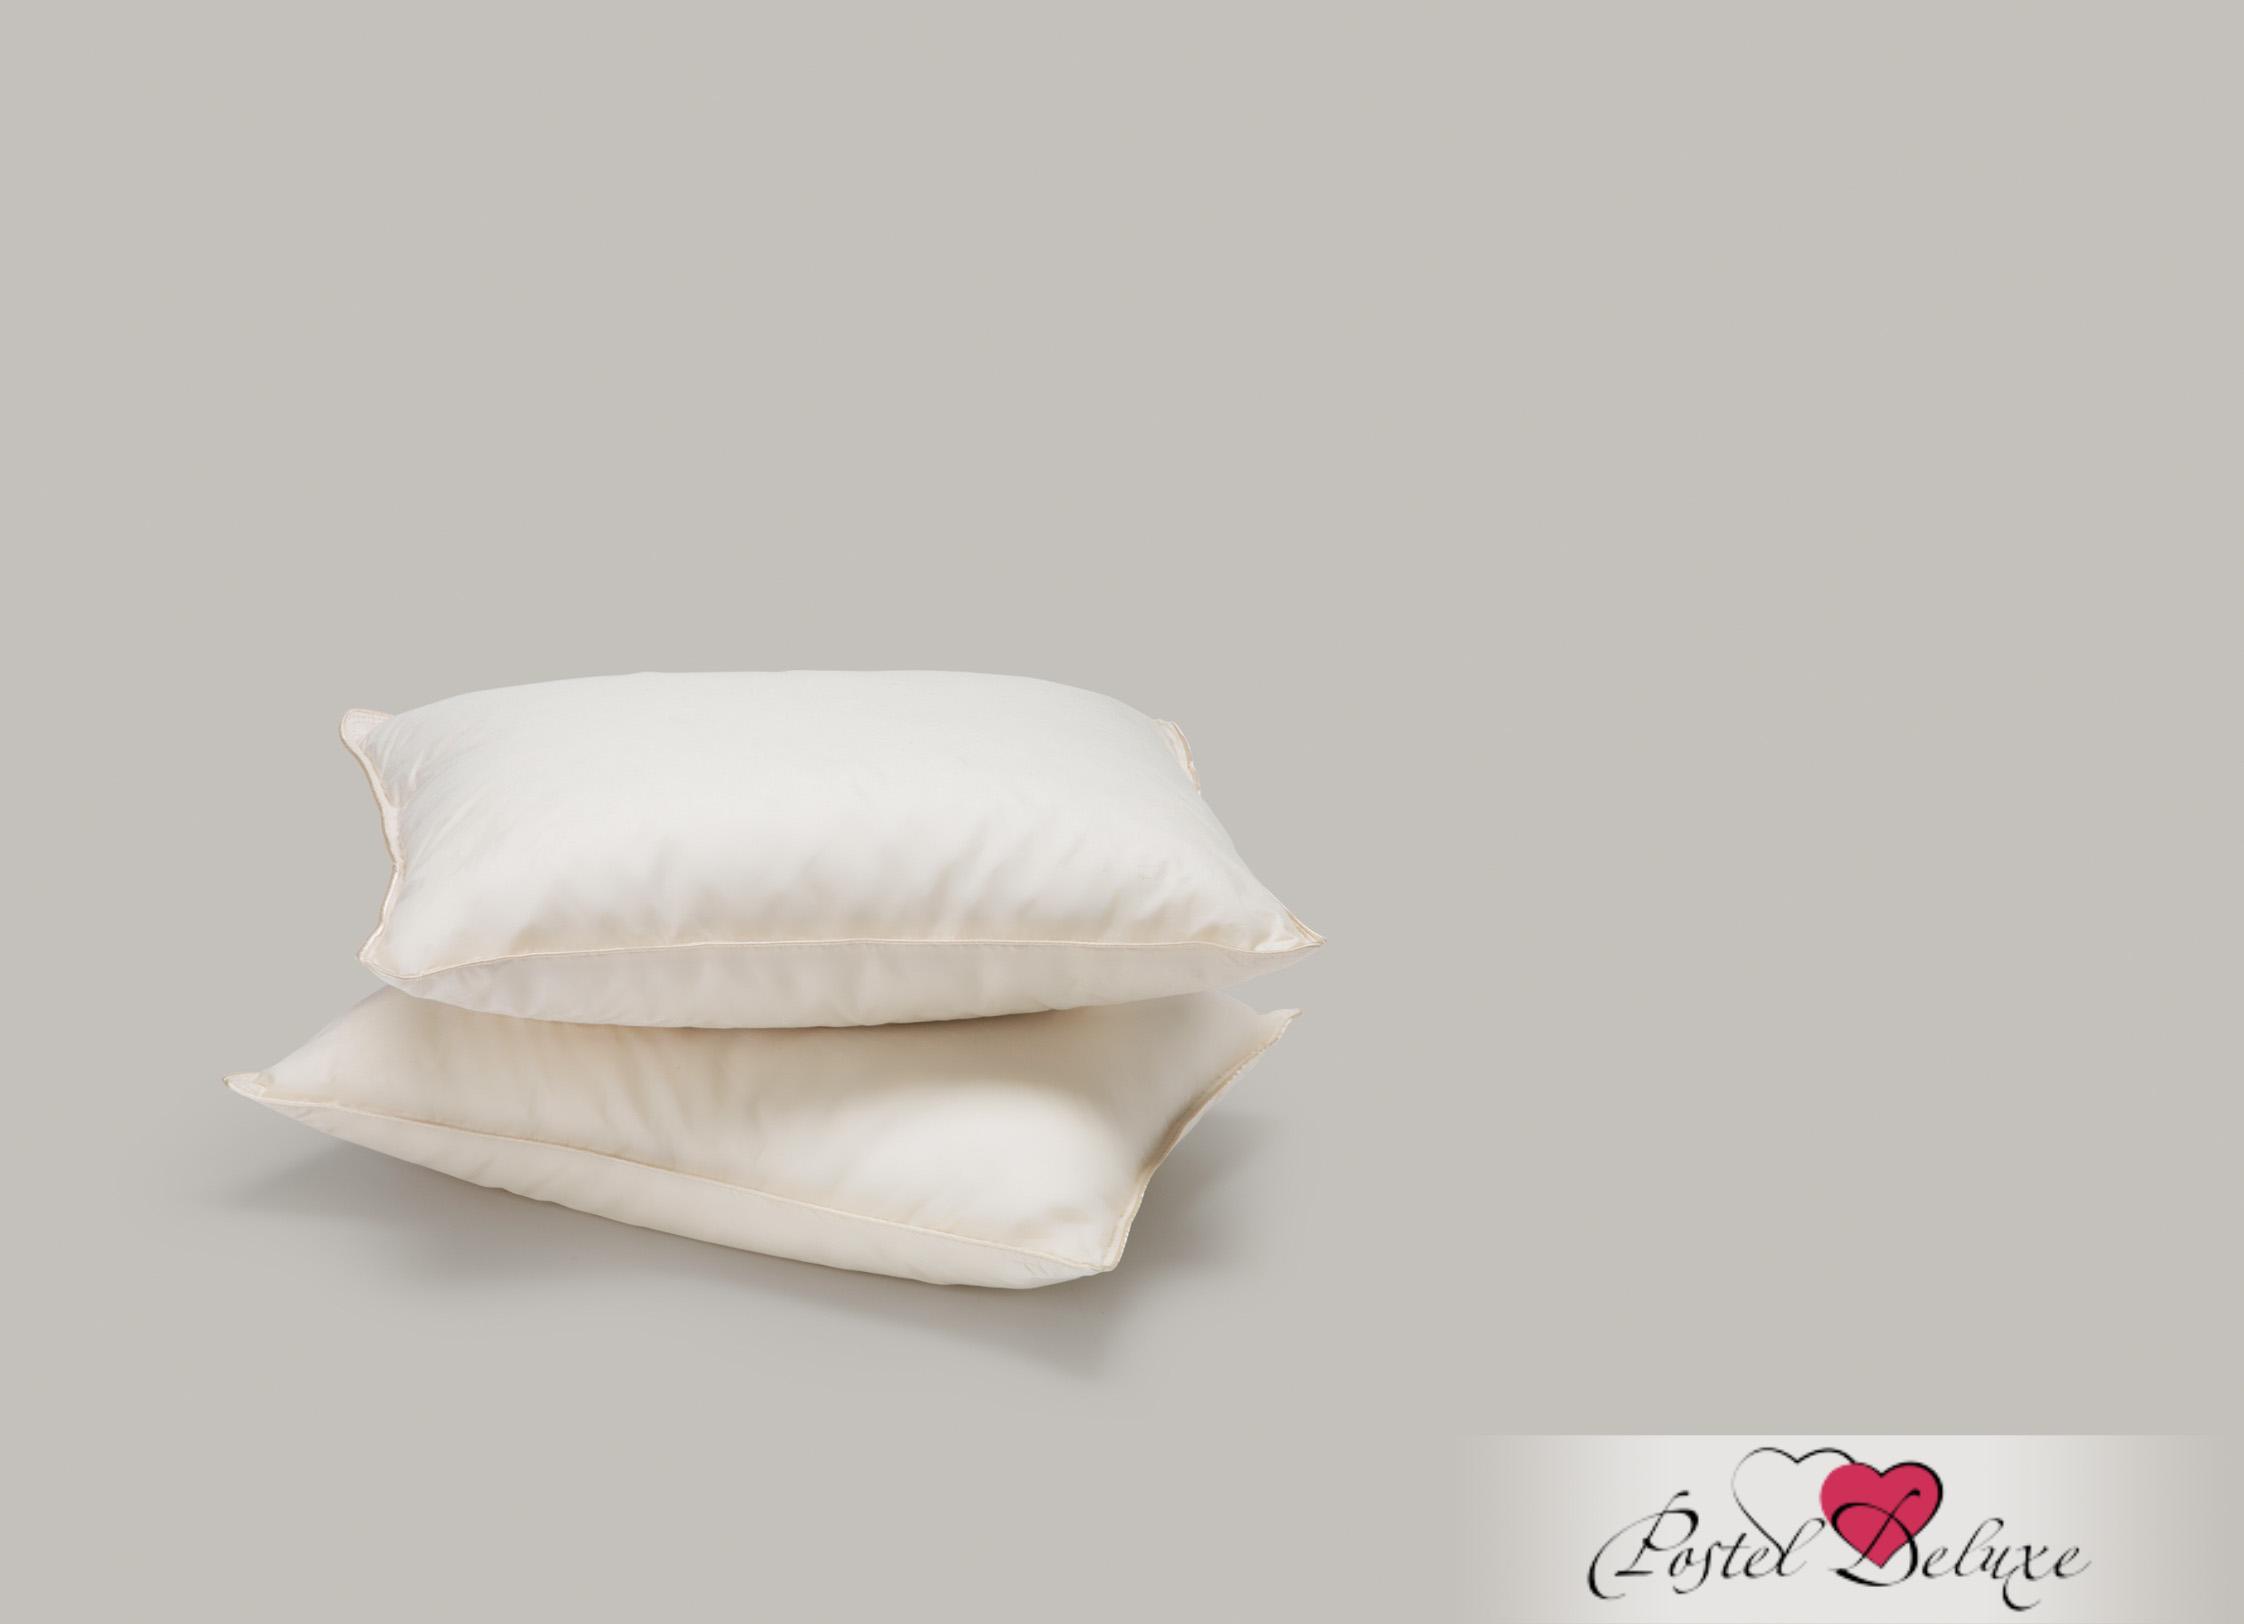 Детские Подушка PenelopeДетские подушки<br>Подушка мягкая для тех, кто спит на животе<br>Размер (см): 35х45 (1 шт) (Прямоугольная)<br><br>Наполнитель ядра: Пух-перо<br>Состав наполнителя ядра: 90% Гусиный пух, 10% Гусиное перо<br><br>Материал чехла: Хлопковый сатин<br>Состав материала чехла: 100% хлопок<br><br>Отделка: Кант<br>Застежка: Нет<br><br>Производитель: Penelope<br>Cтрана производства: Турция<br>Тип Упаковки: Чемодан ПВХ<br>Вес: 100<br><br>Тип: Детские подушка обычная<br>Размерность комплекта: Детские<br>Материал: Хлопковый сатин<br>Размер наволочки: None<br>Подарочная упаковка: Детские<br>Для детей: Детские нет<br>Ткань: Хлопковый сатин<br>Цвет: Белый